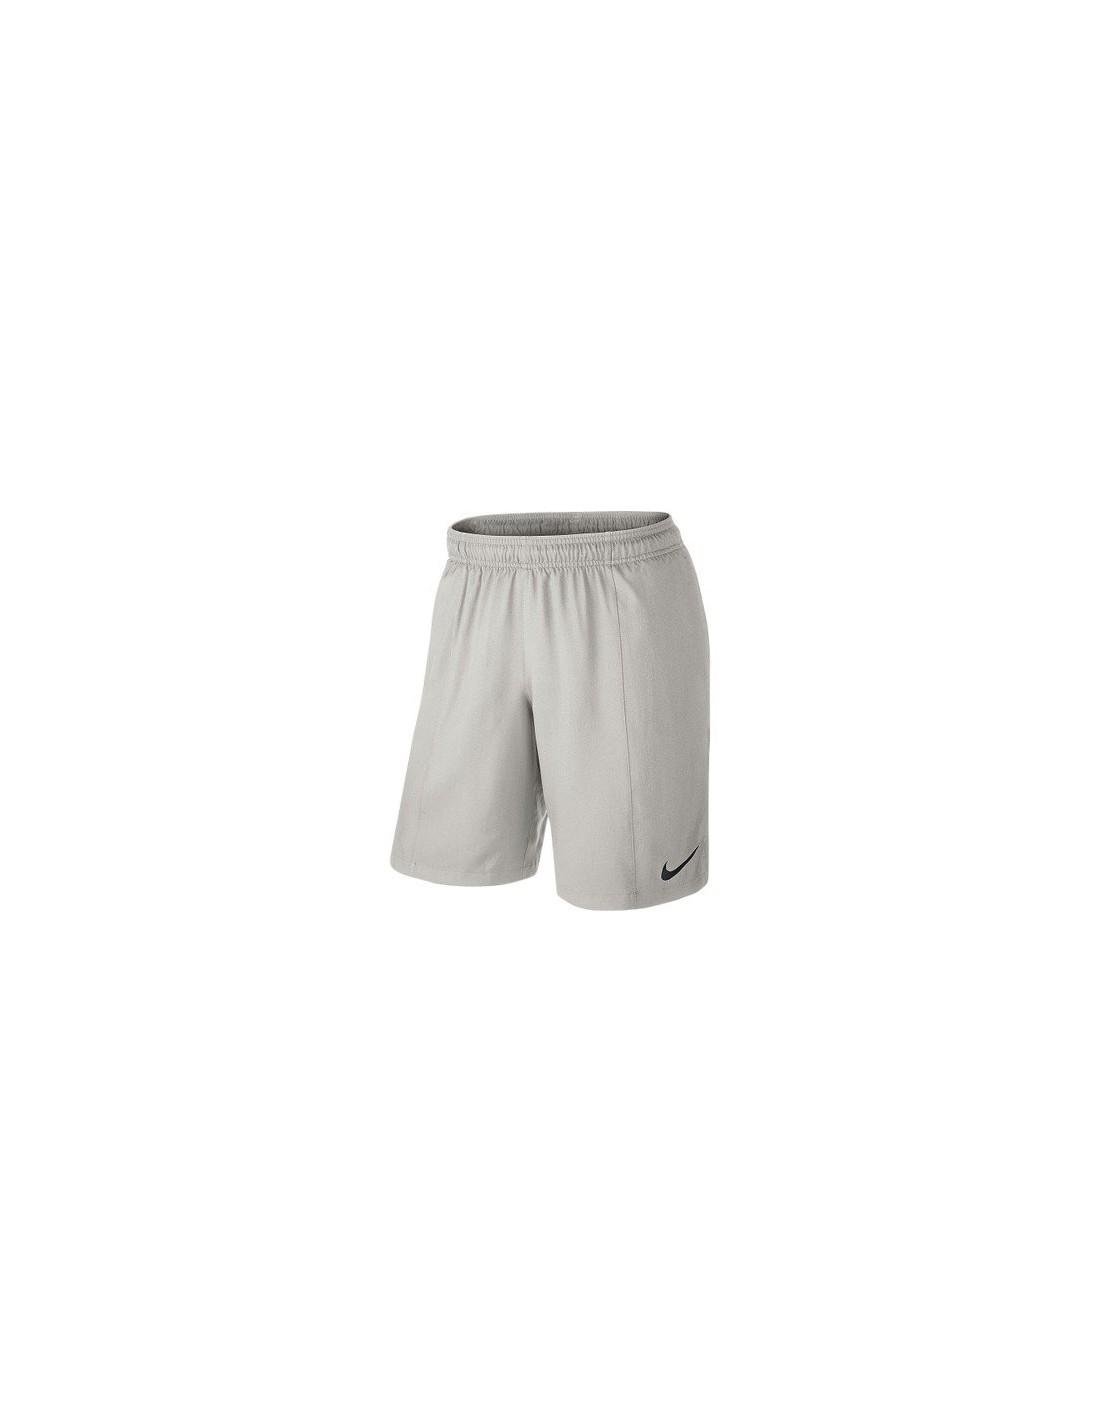 52d0bb7e Piratbukser & Shorts Herrer Nike Fotballshorts Unisex 619171 ...